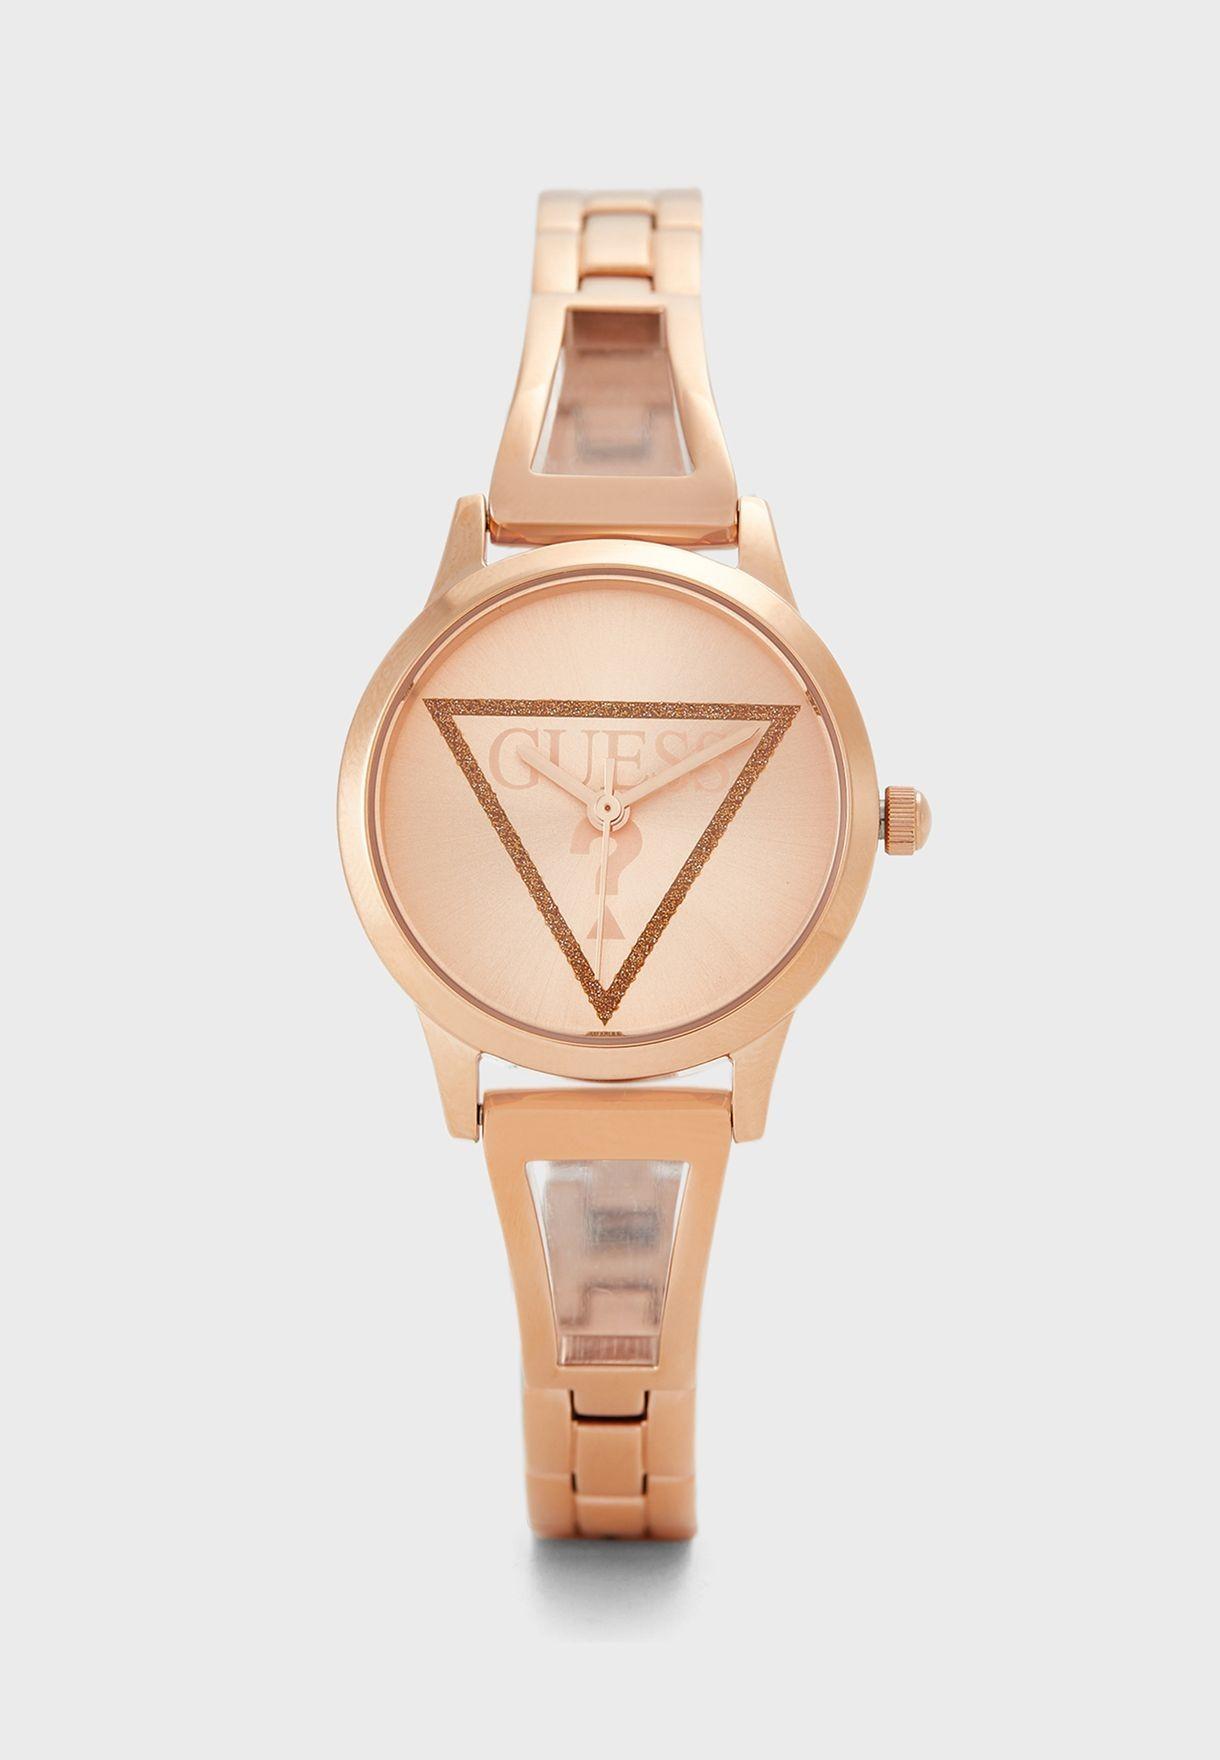 GUESS  Analog Wrist Watch GW0002L3